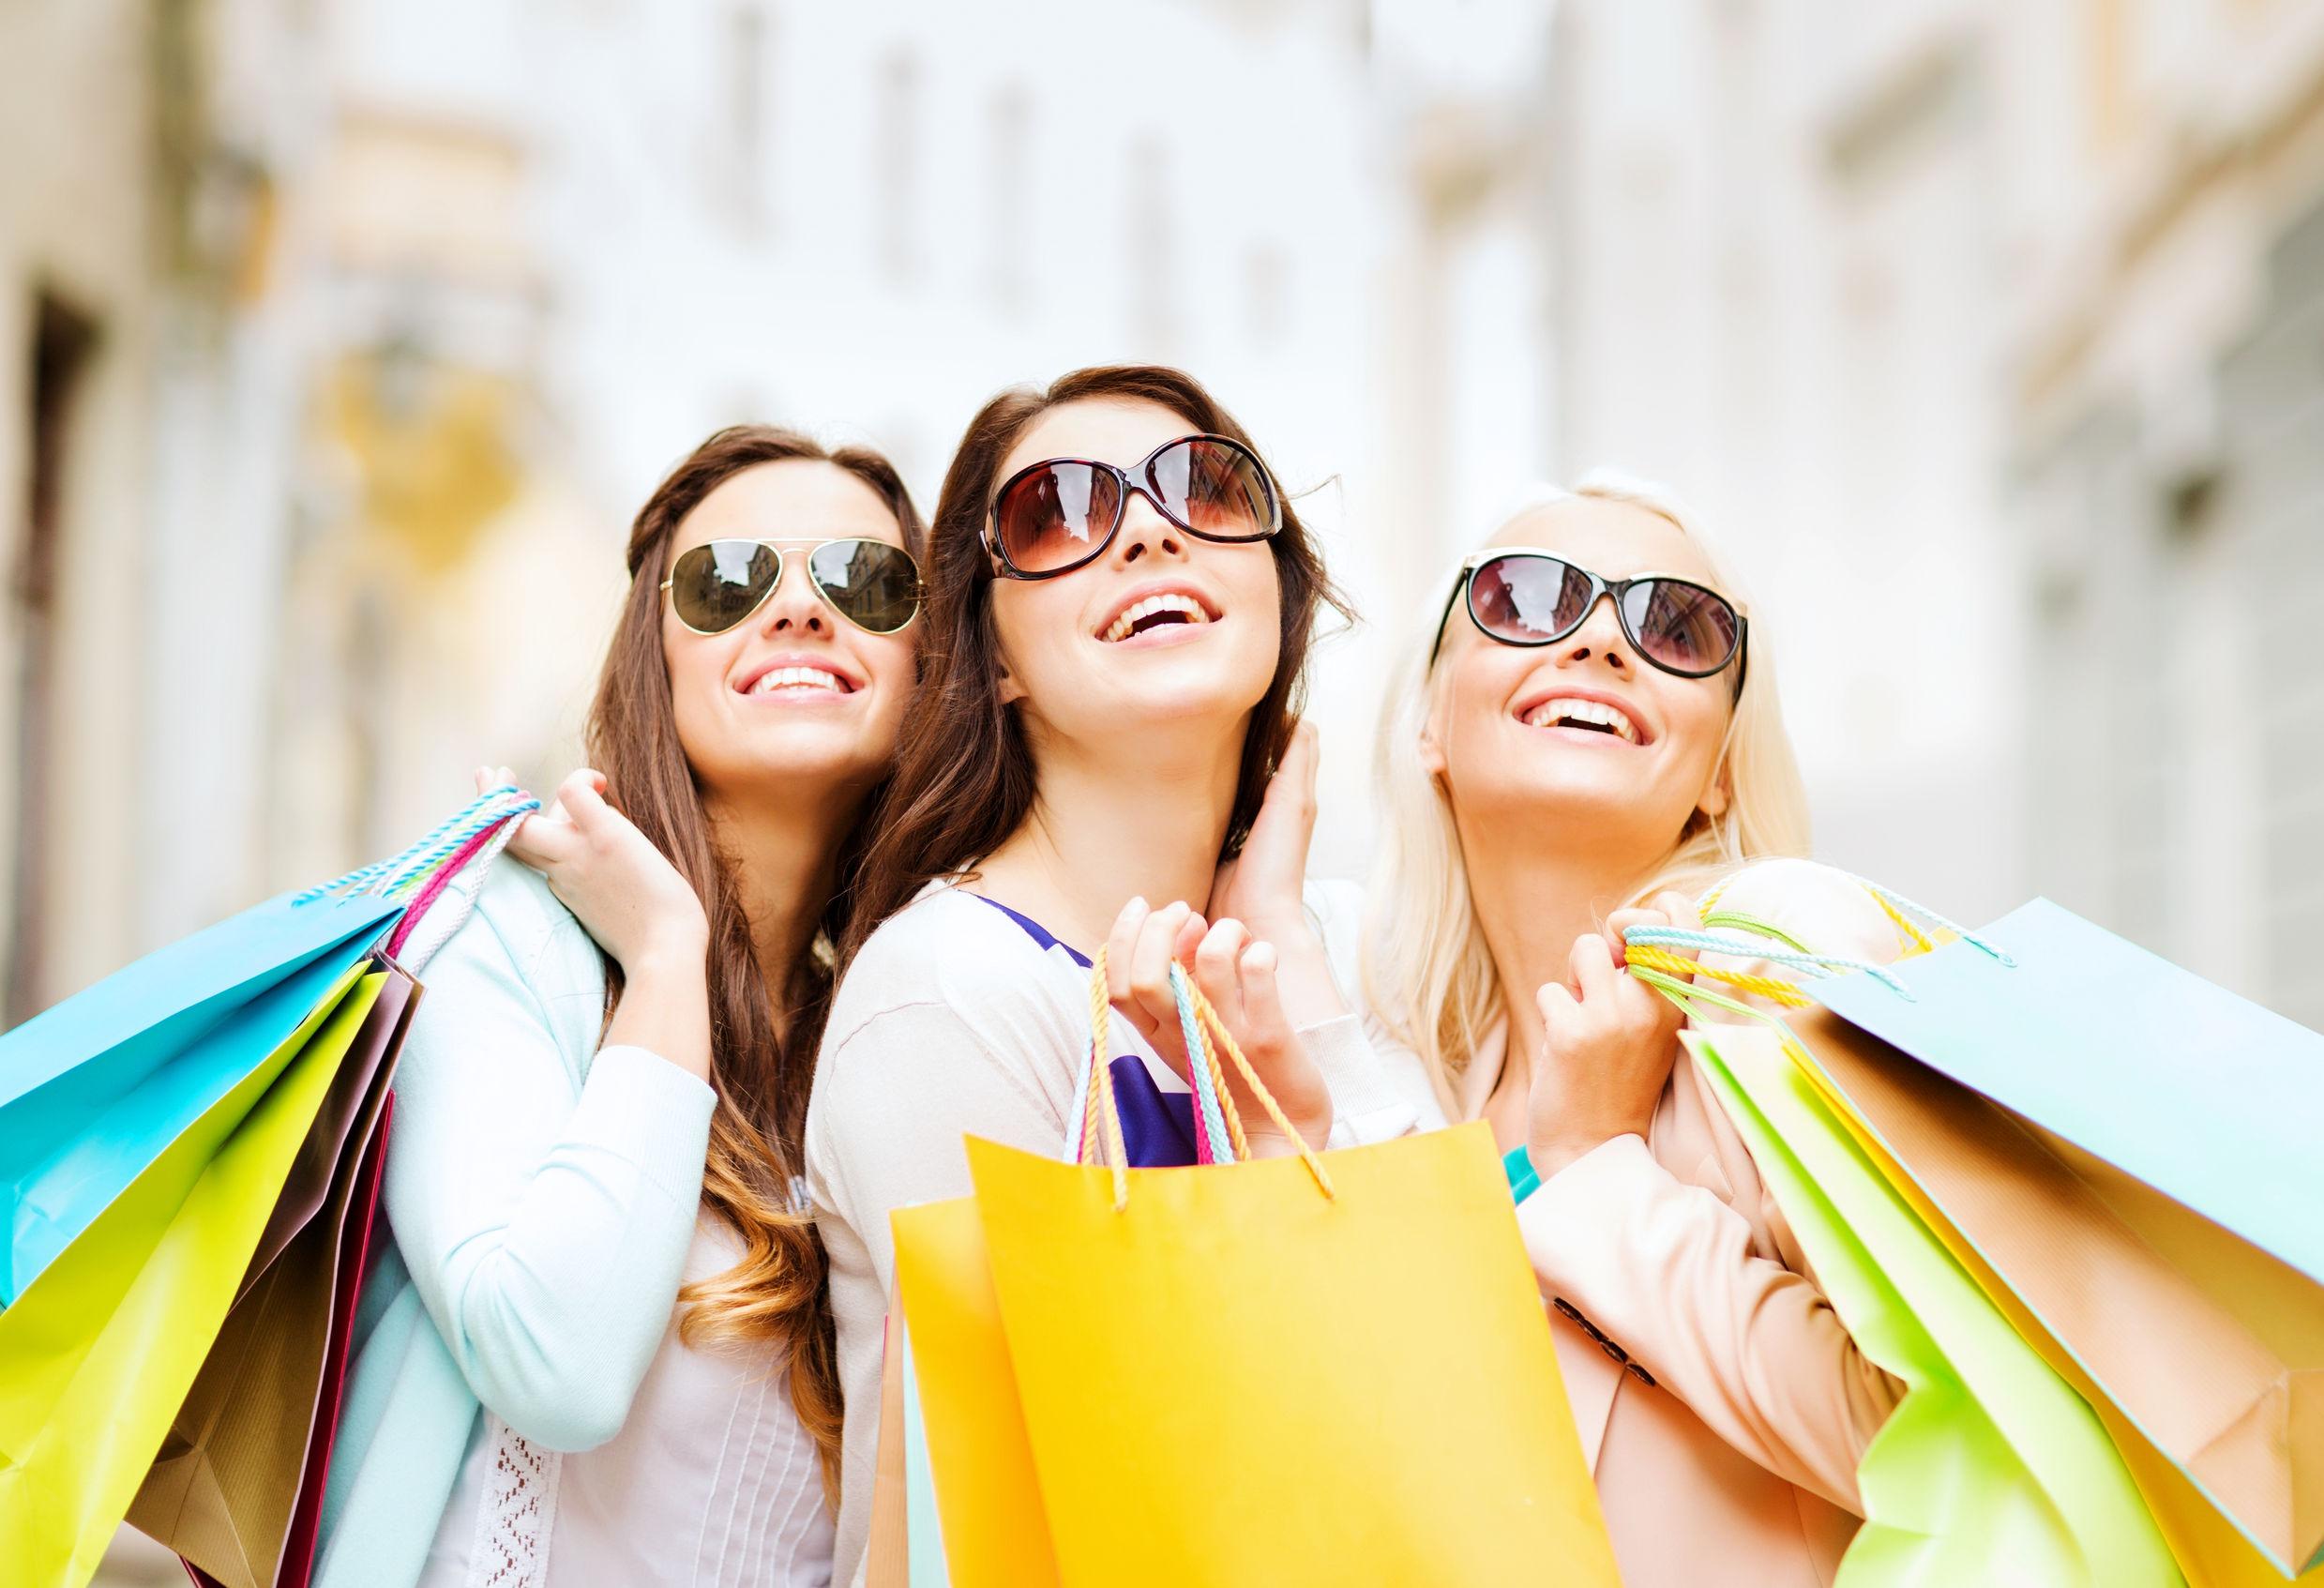 Từ vựng tiếng Anh về mua sắm - Shopping